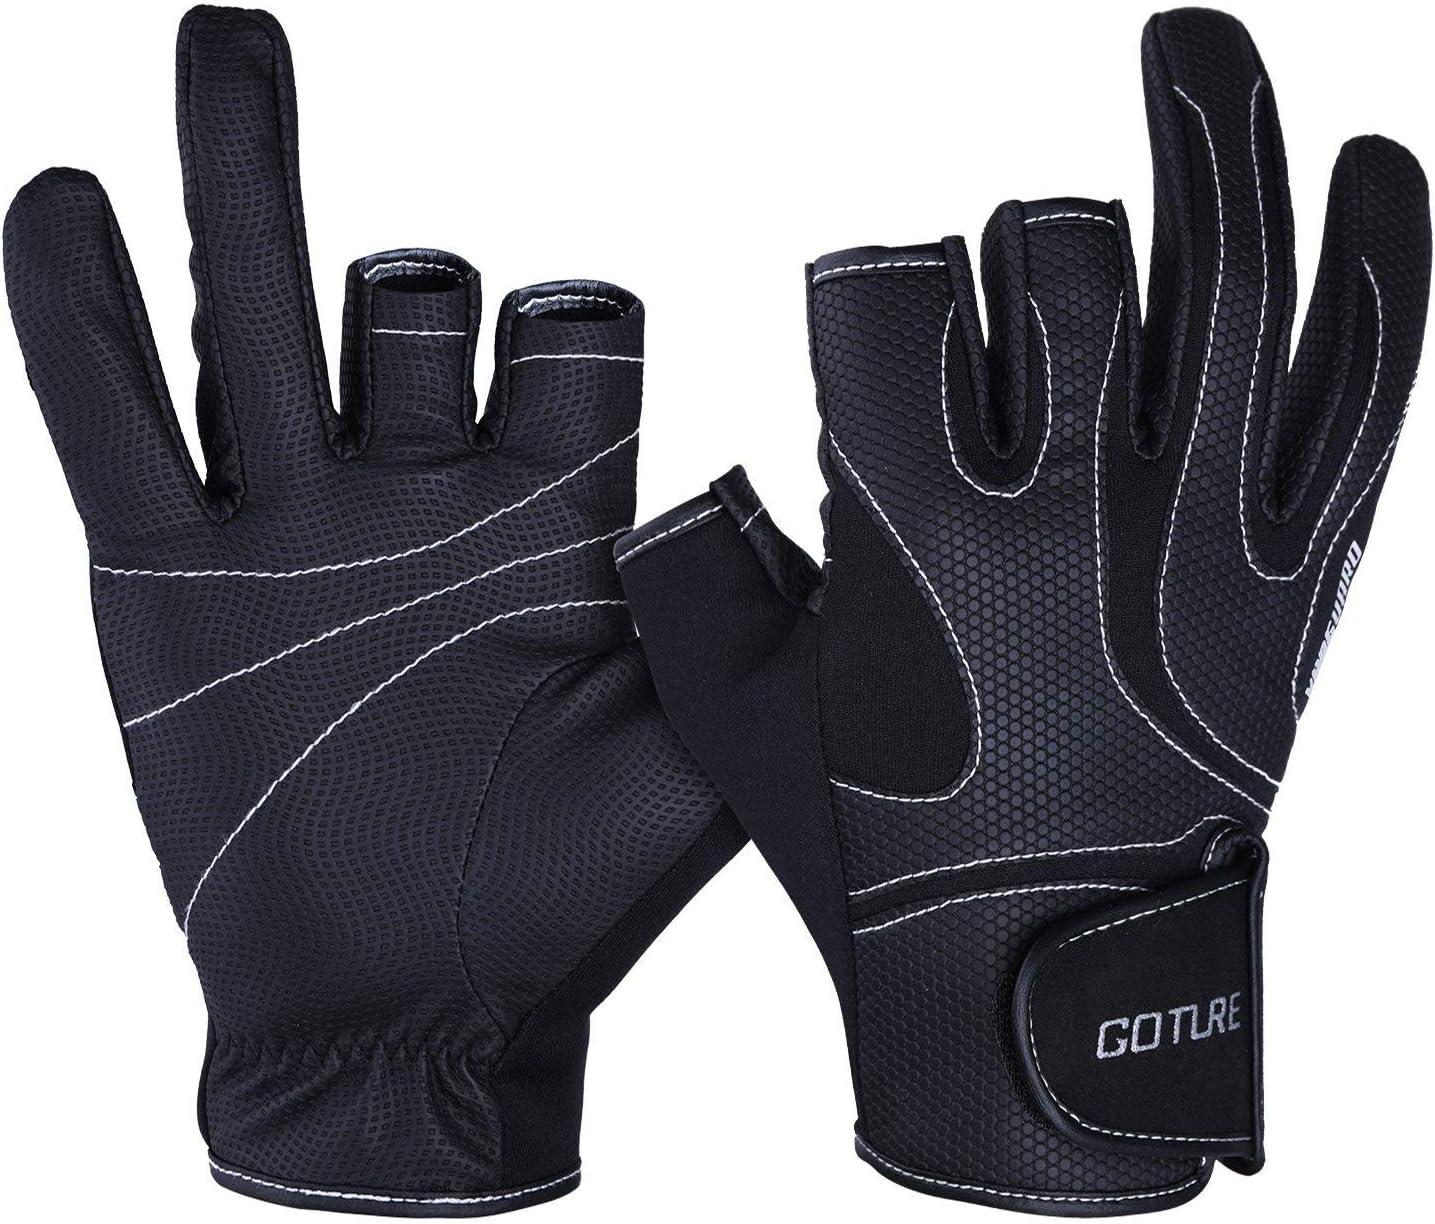 GATTORO 2 Freie Finger Angelhandschuhe Sonnenschutz Angelhandschuhe Anti-Rutsch Angelhandschuhe Outdoor-Handschuhe f/ür M/änner und Frauen